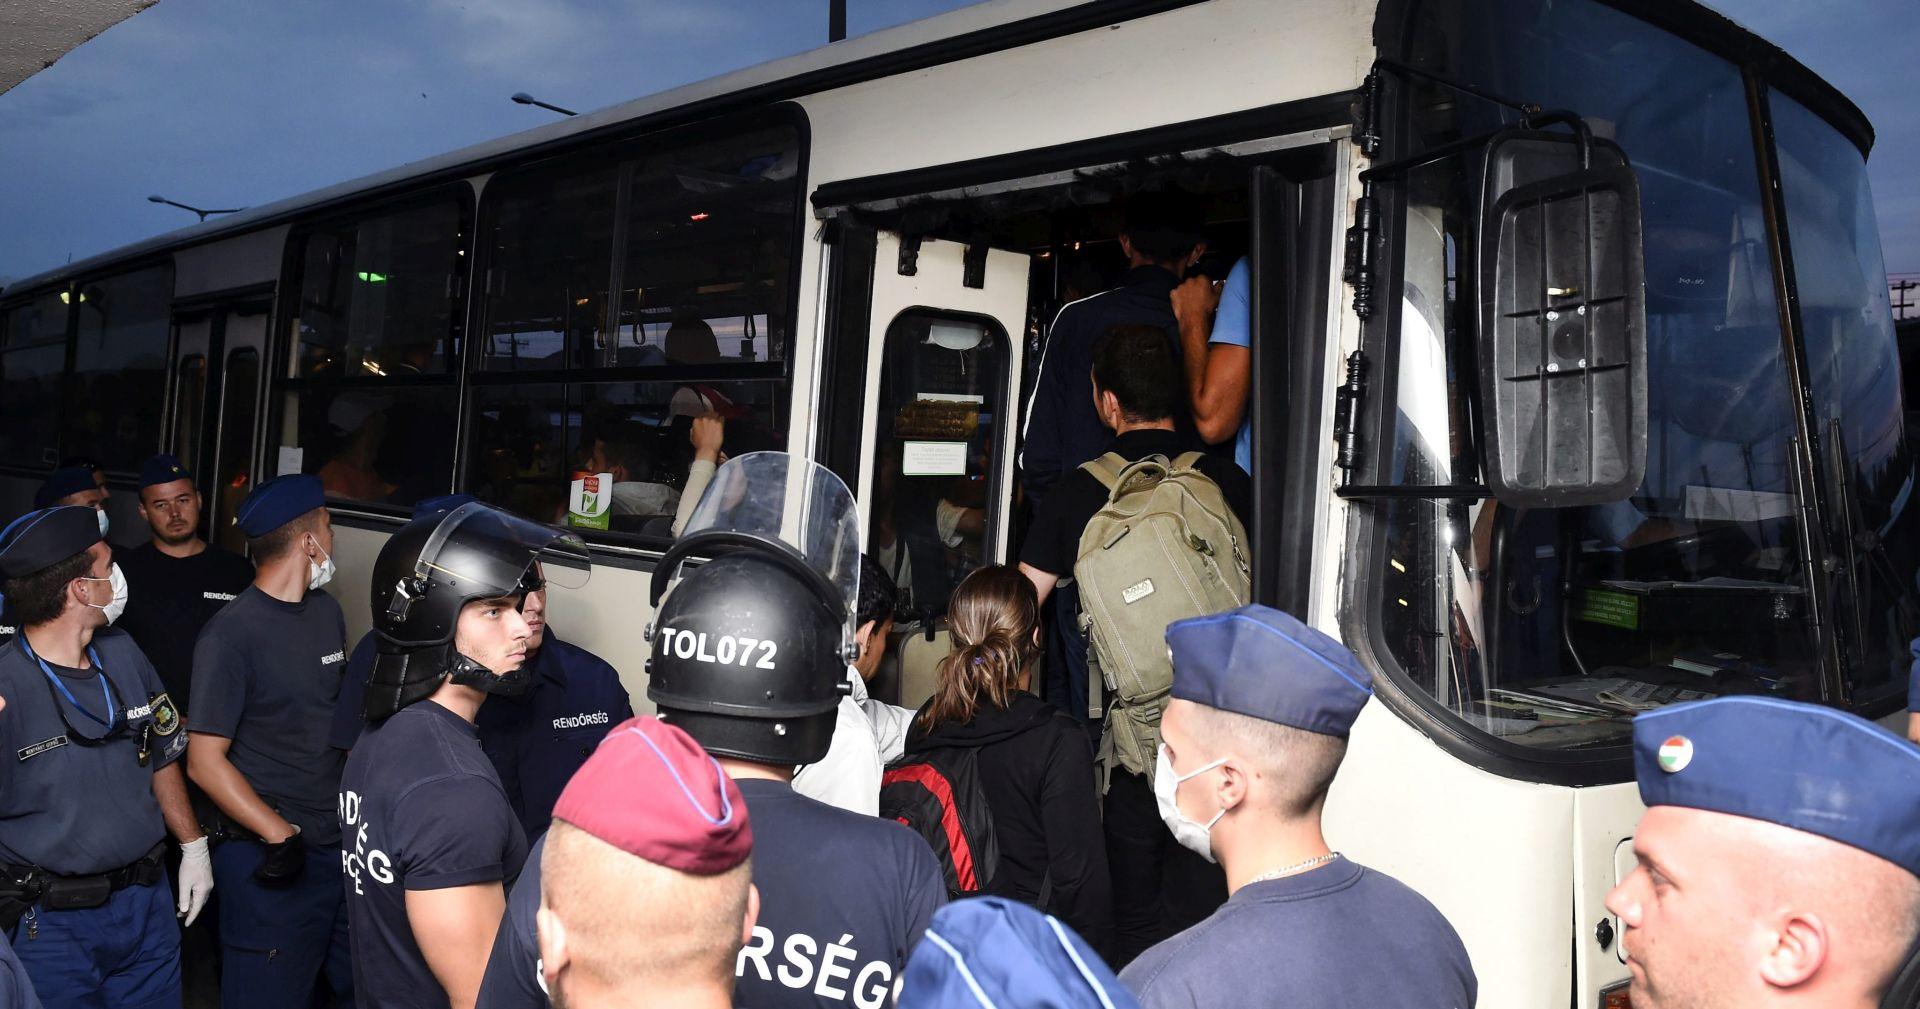 DIO NASTAVLJA PREMA NJEMAČKOJ Dvije tisuće izbjeglica stiglo na austrijsku granicu